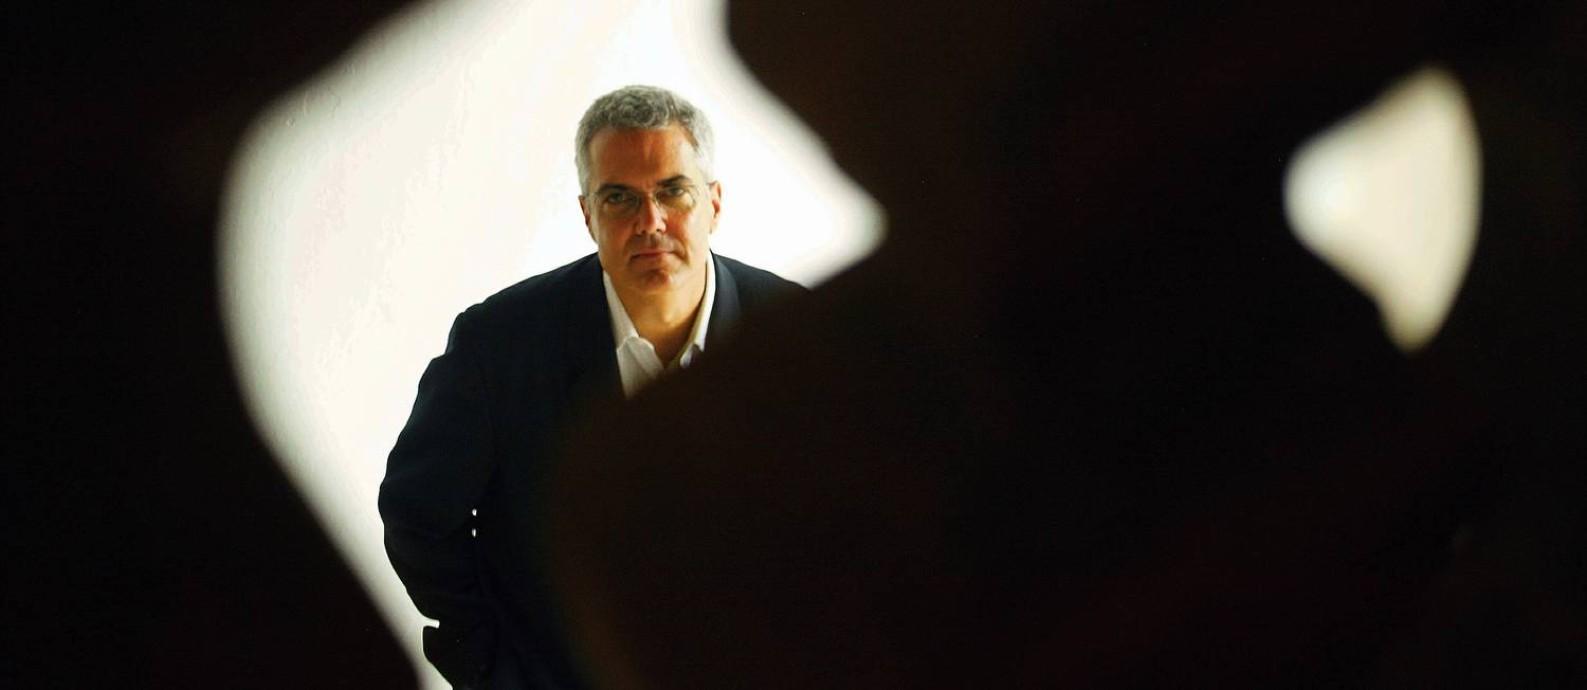 Lauro Cavalcanti, diretor do Paço Imperial. Foto: Camilla Maia / Agência O GLOBO